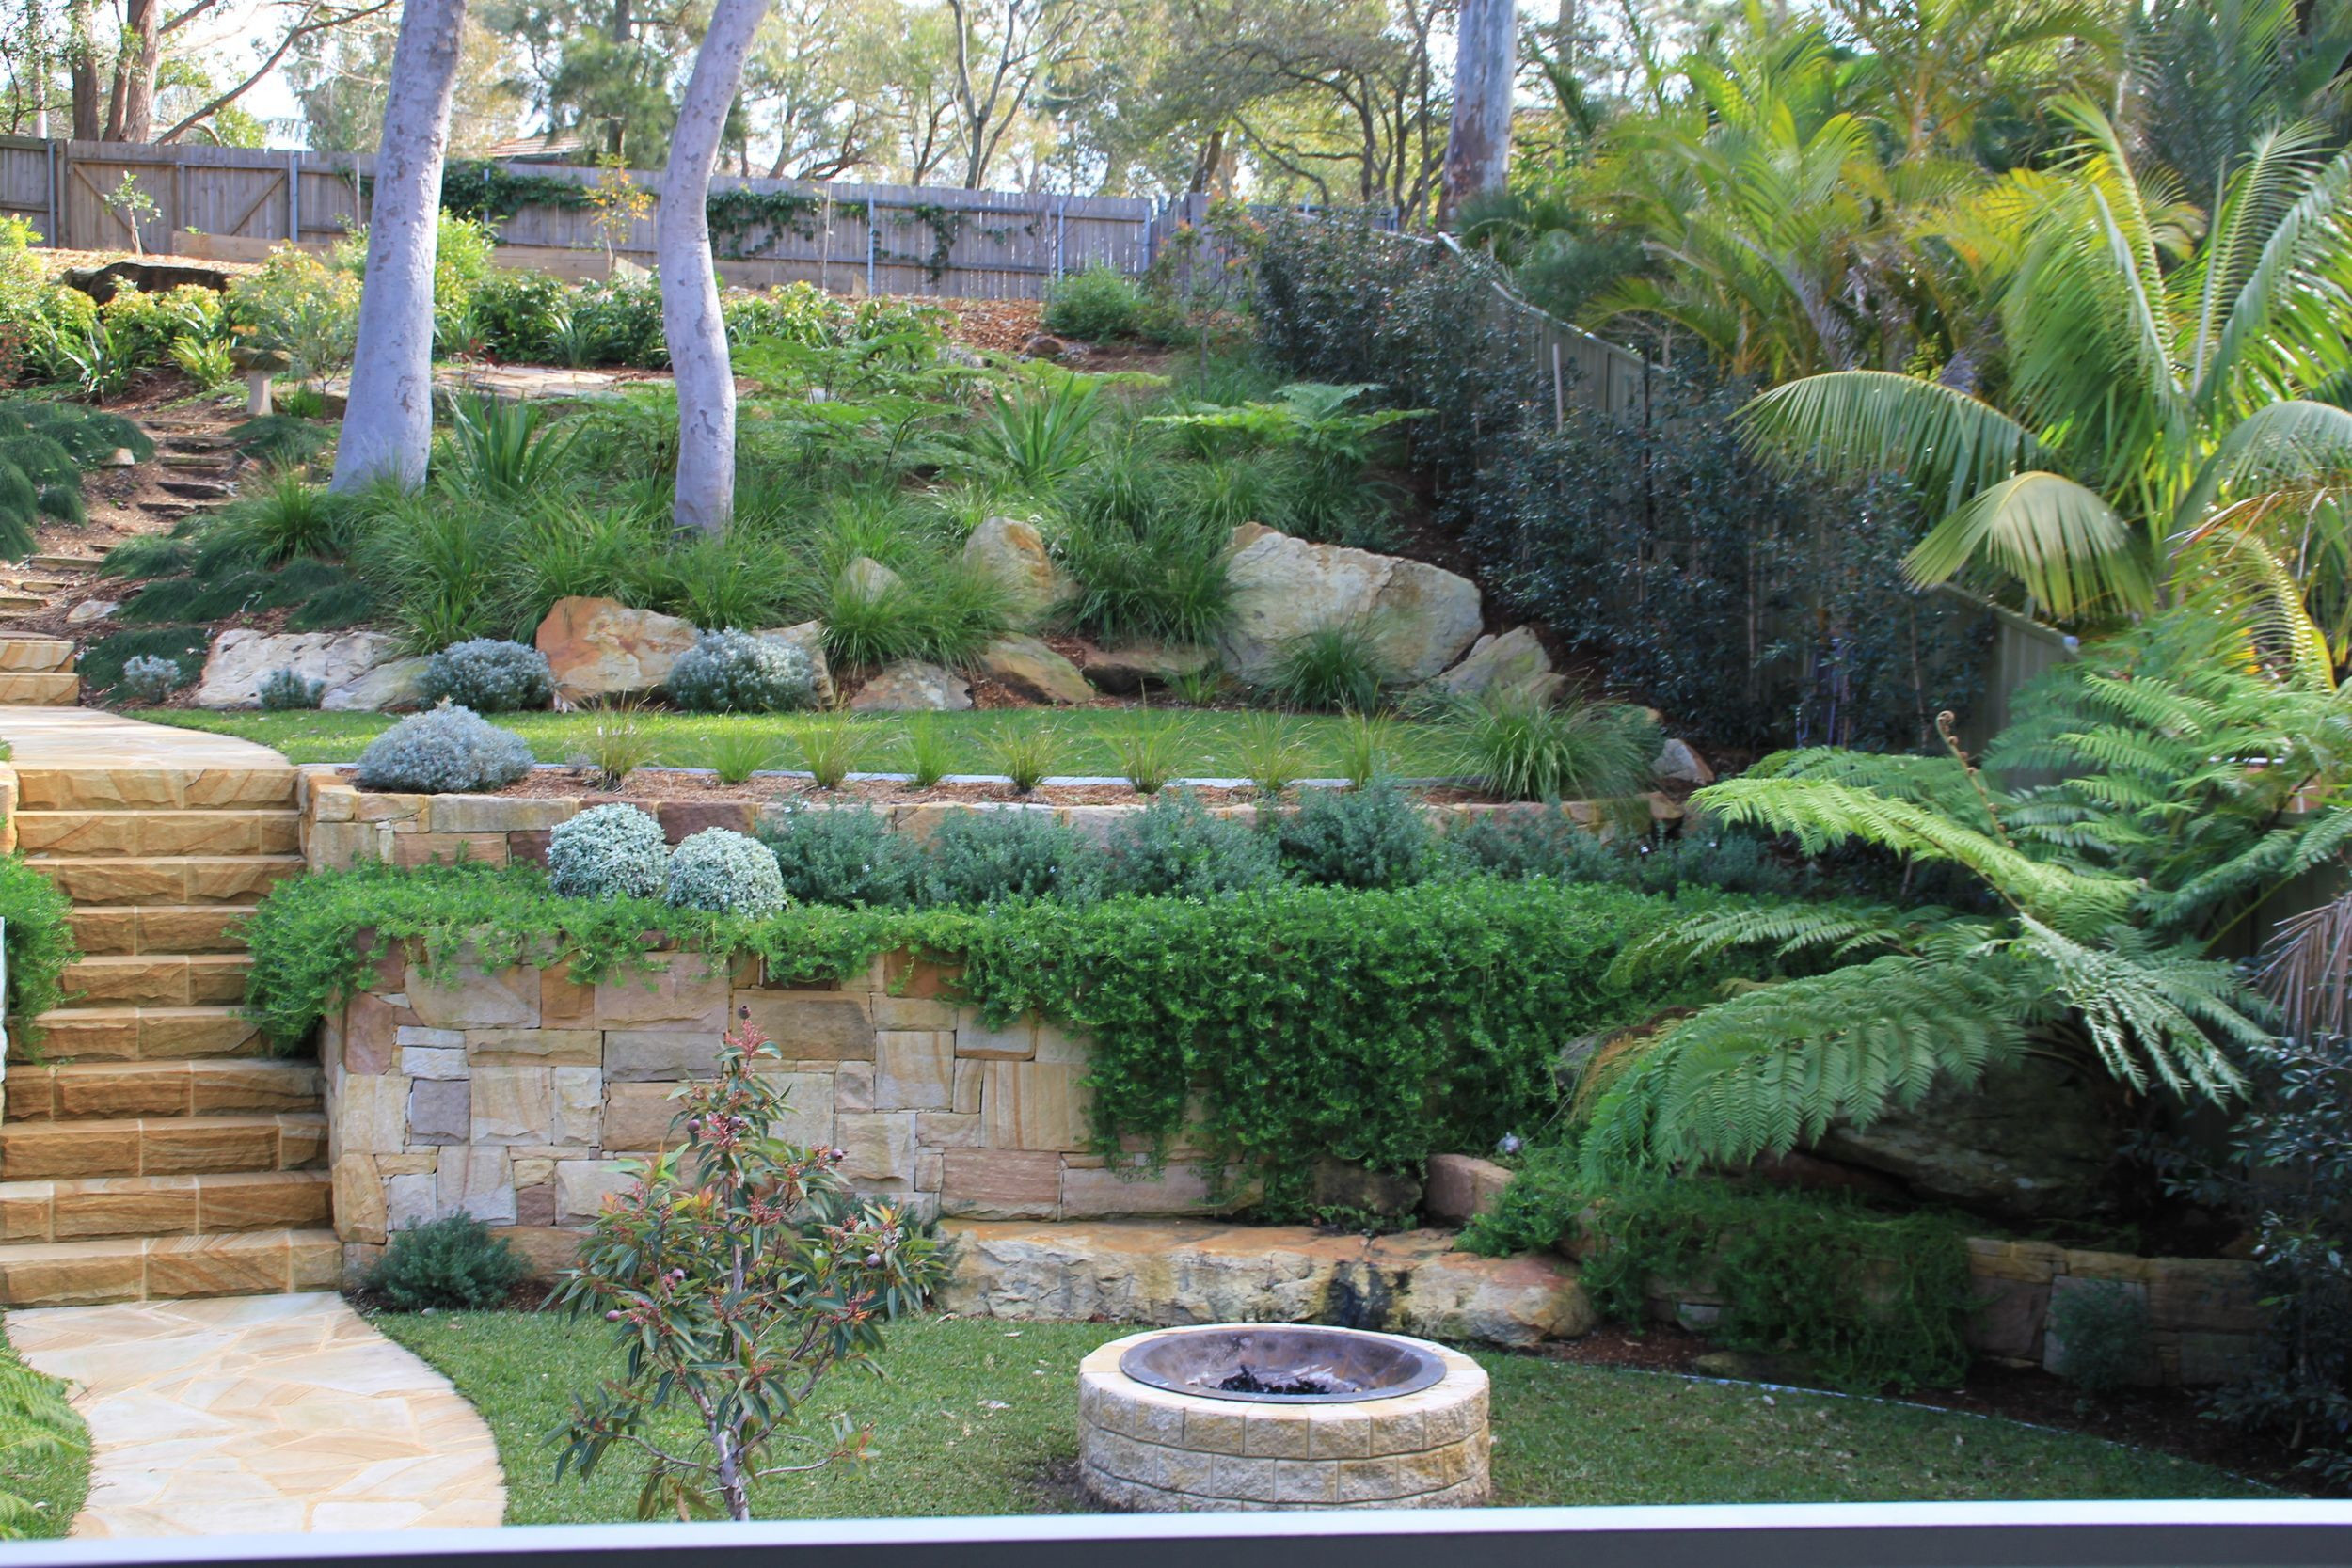 Terrace Landscape Australia Unique Australian Native Landscape Design Sloped Block the View